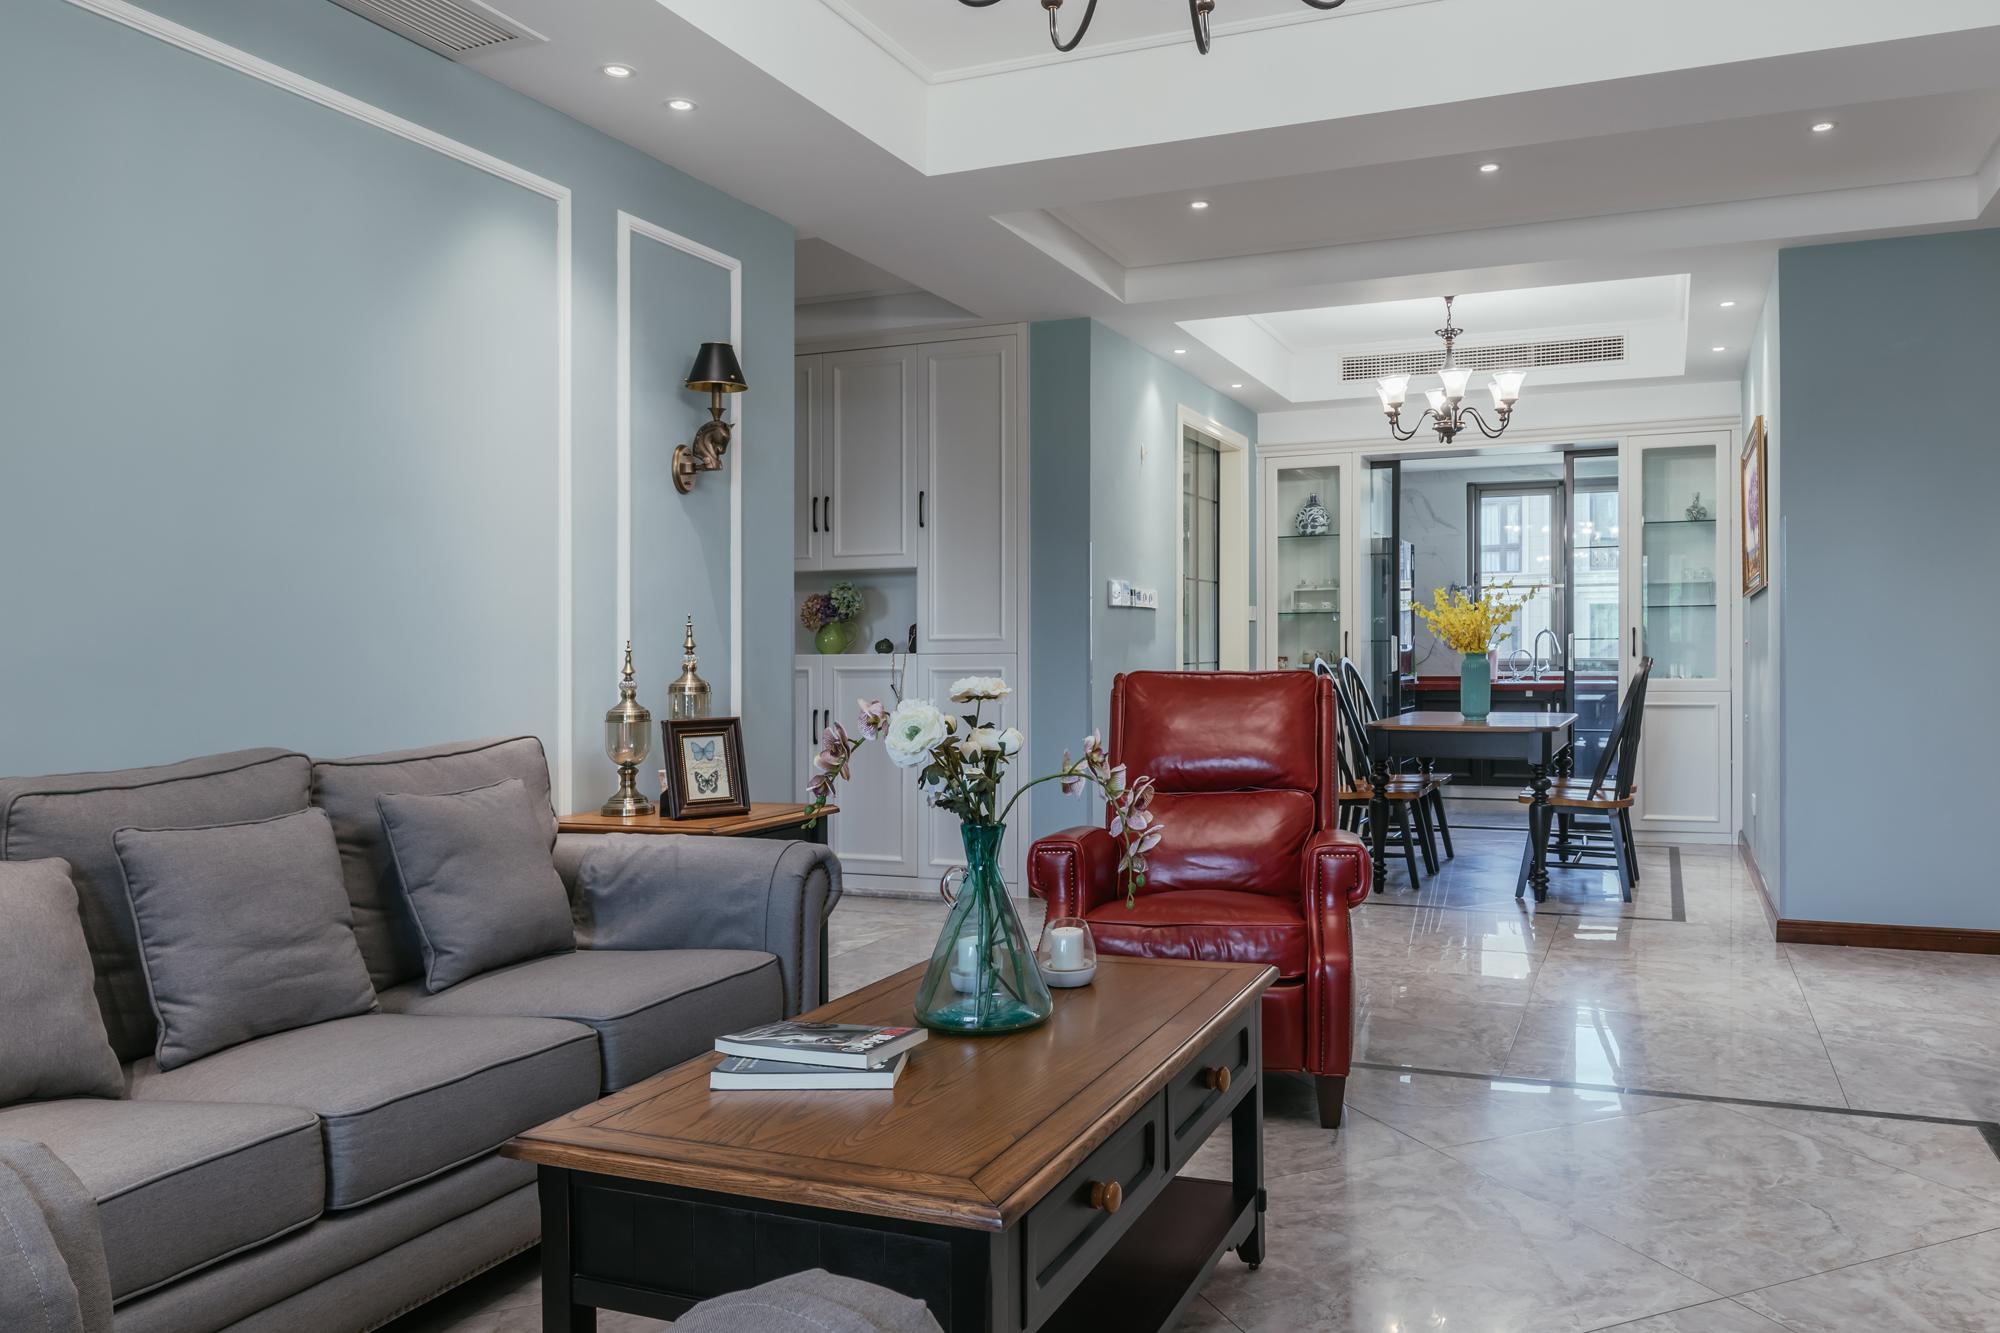 悠雅95平美式四居客厅实景图客厅